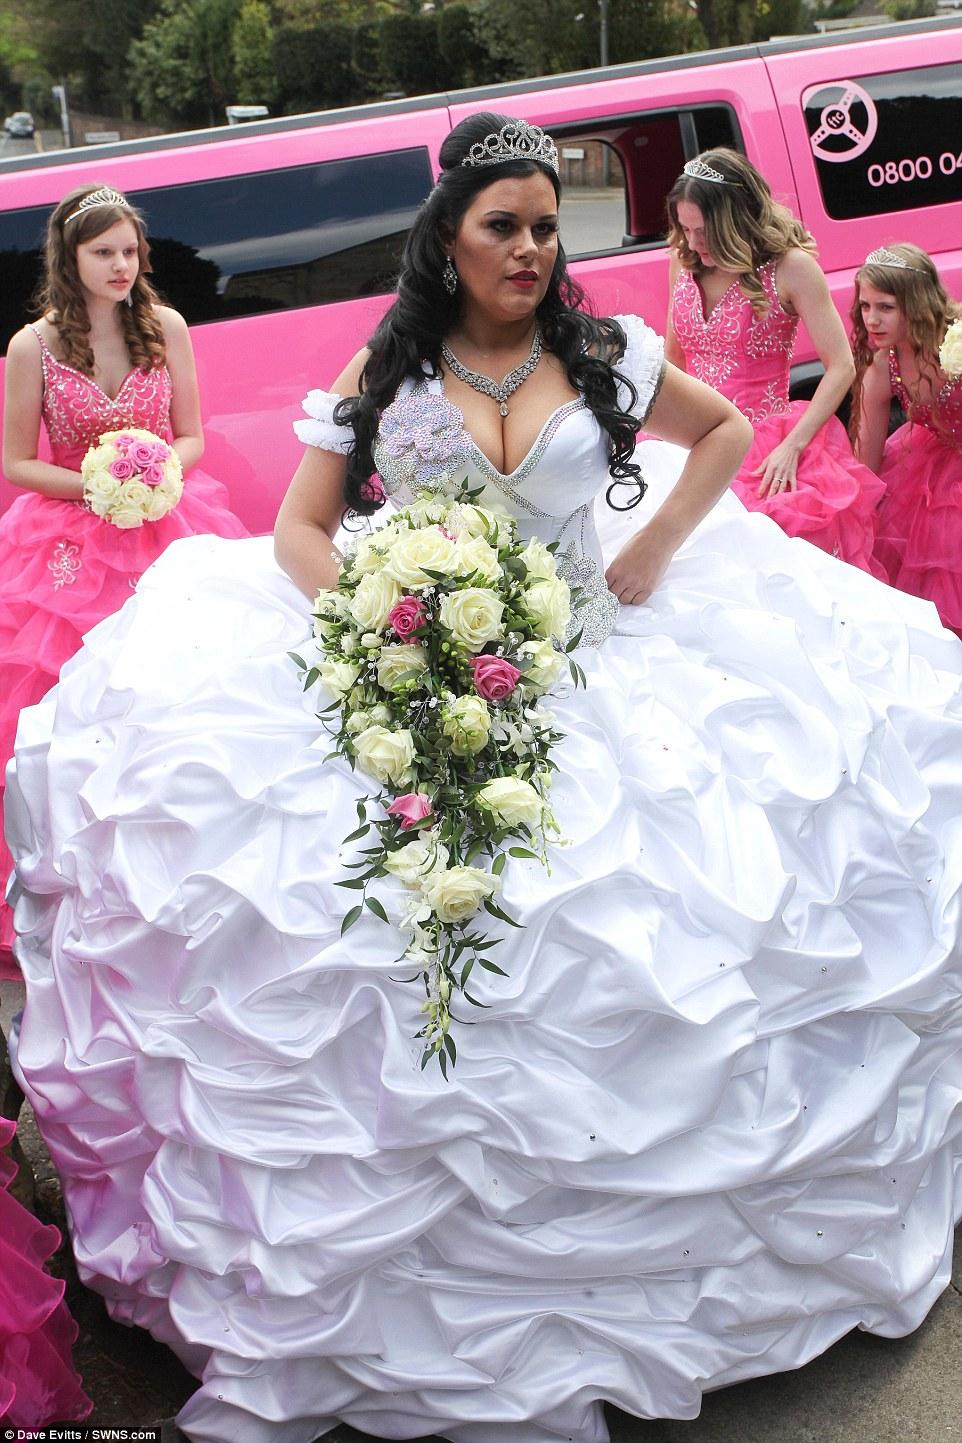 Британка вышла замуж в необъятном платье, которое весит 63 килограмма